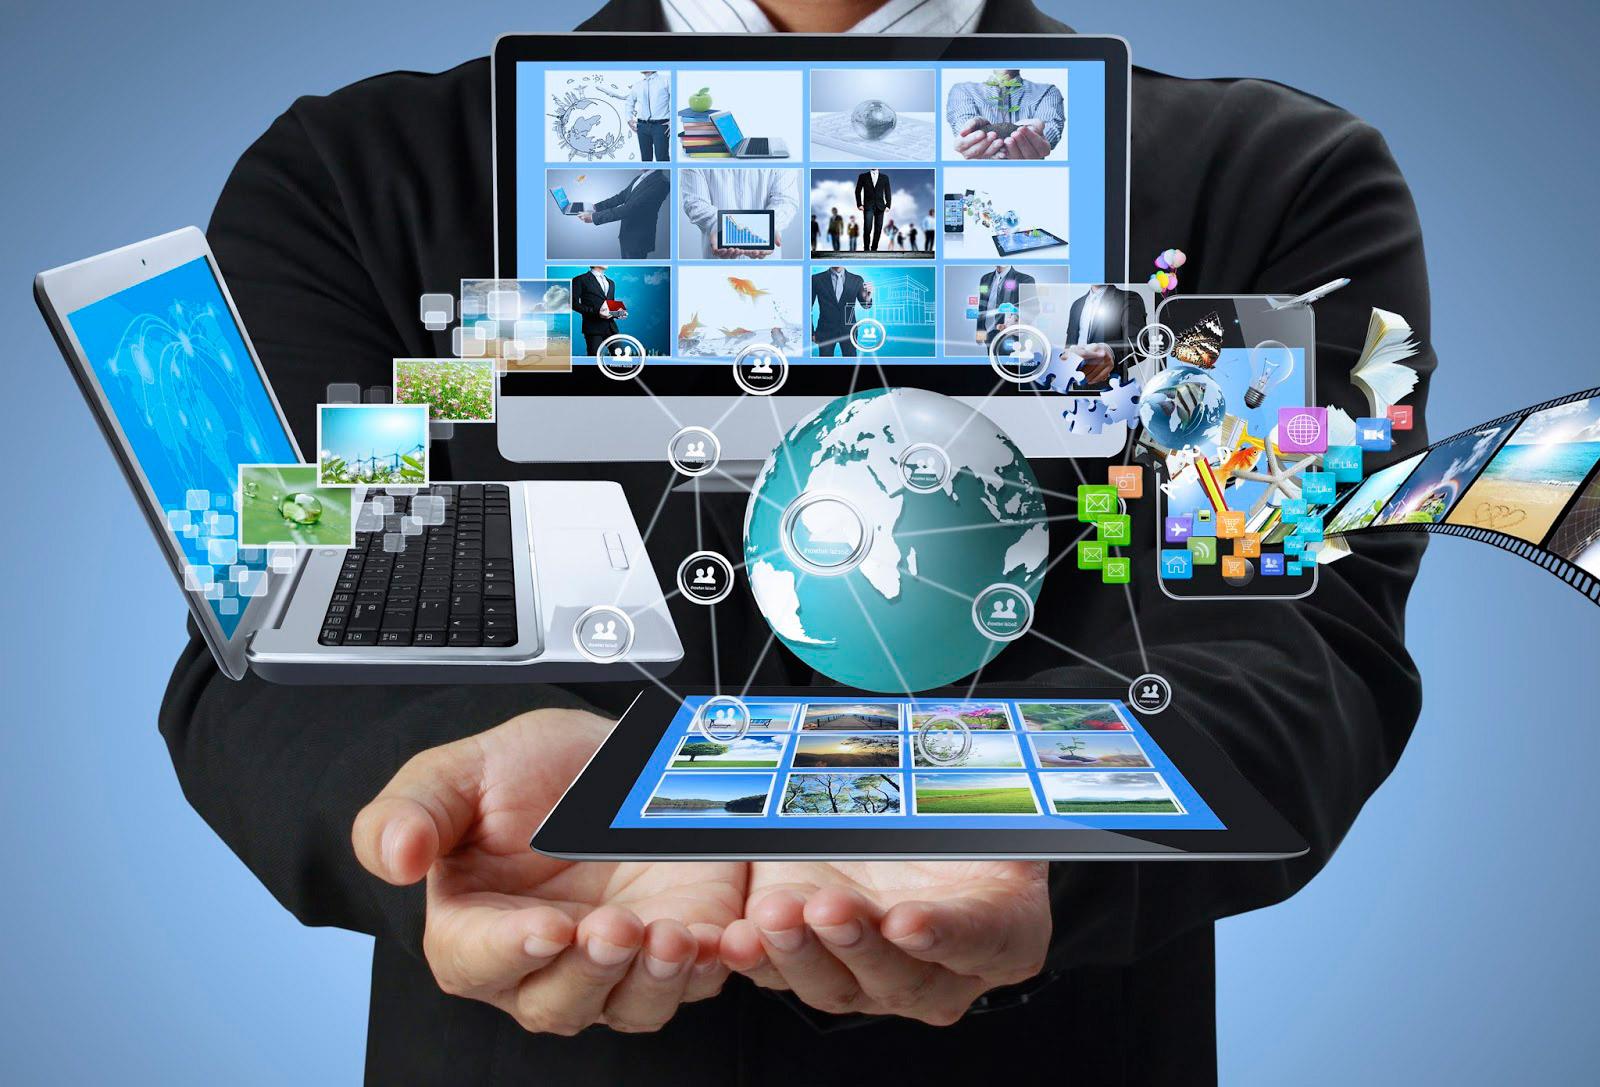 مفهوم تكنولوجيا التعليم